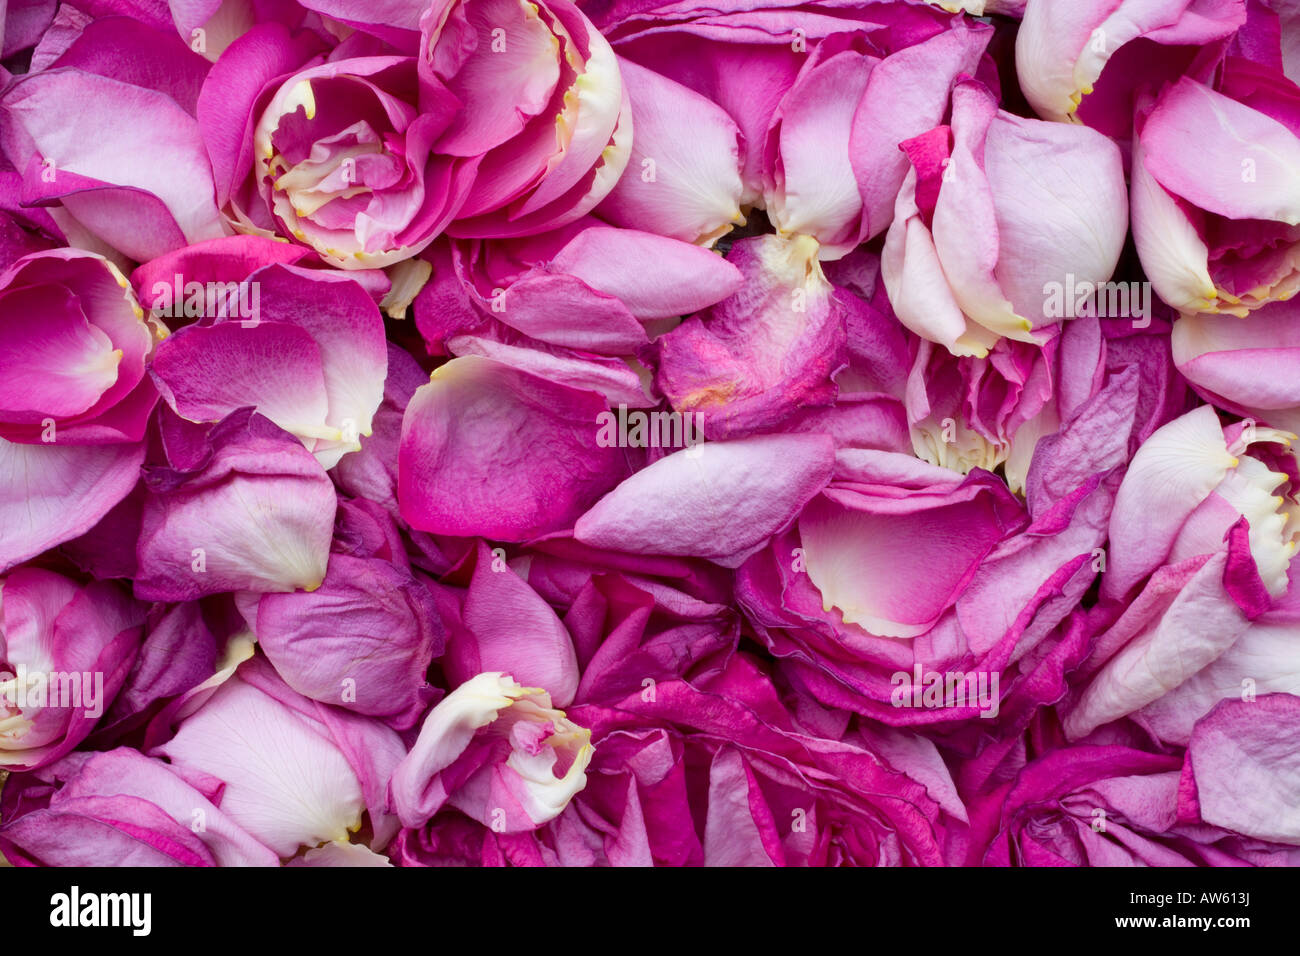 Rose petals - Stock Image